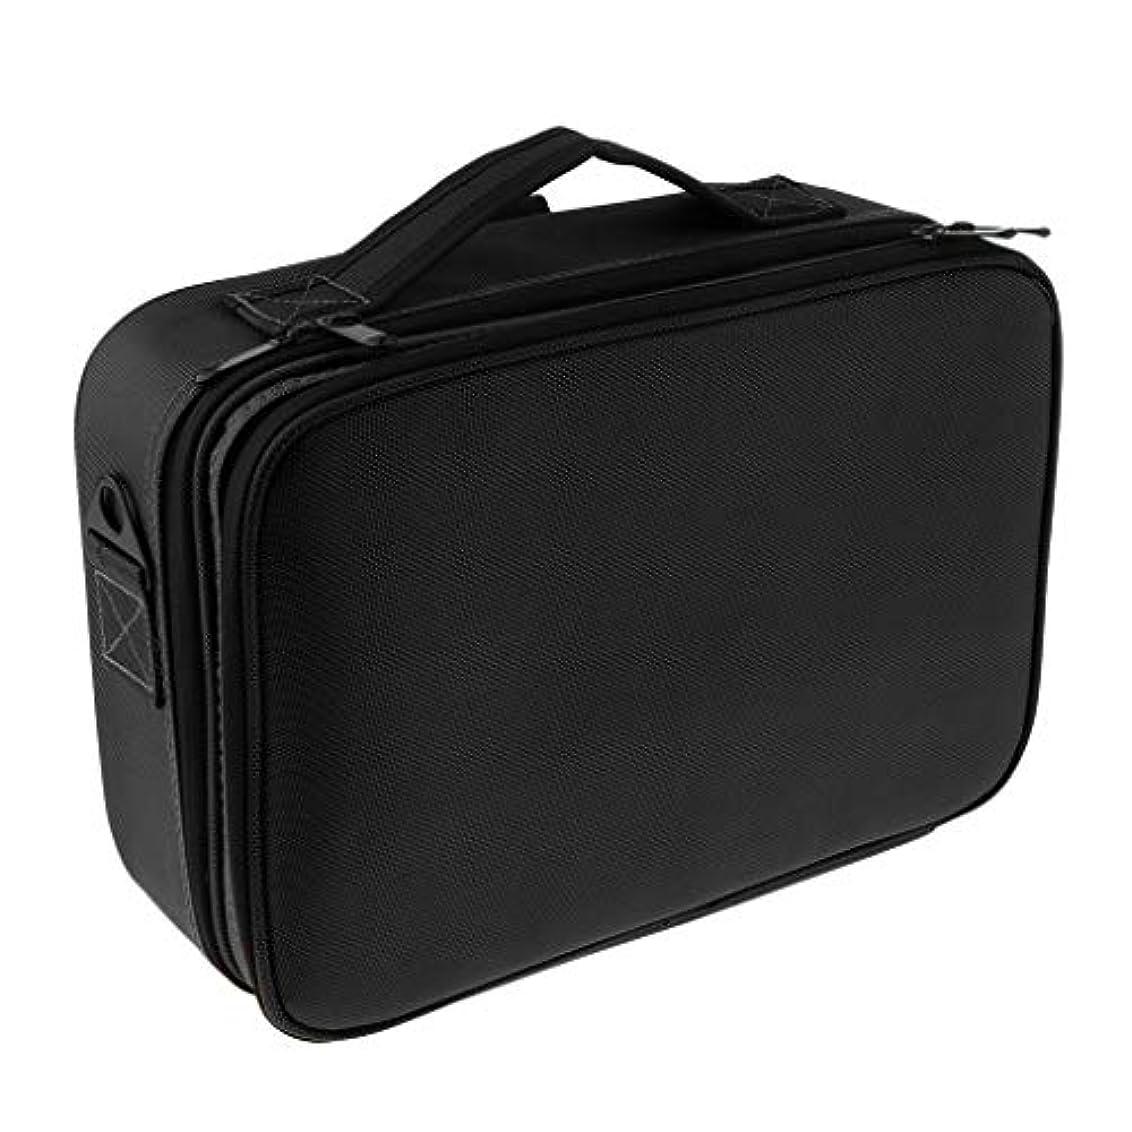 常にマッサージシフトメイクケース メイクボックス 化粧箱 コスメケース 仕切り メイク小物 雑貨收納 大容量 贈り物 - ブラックL